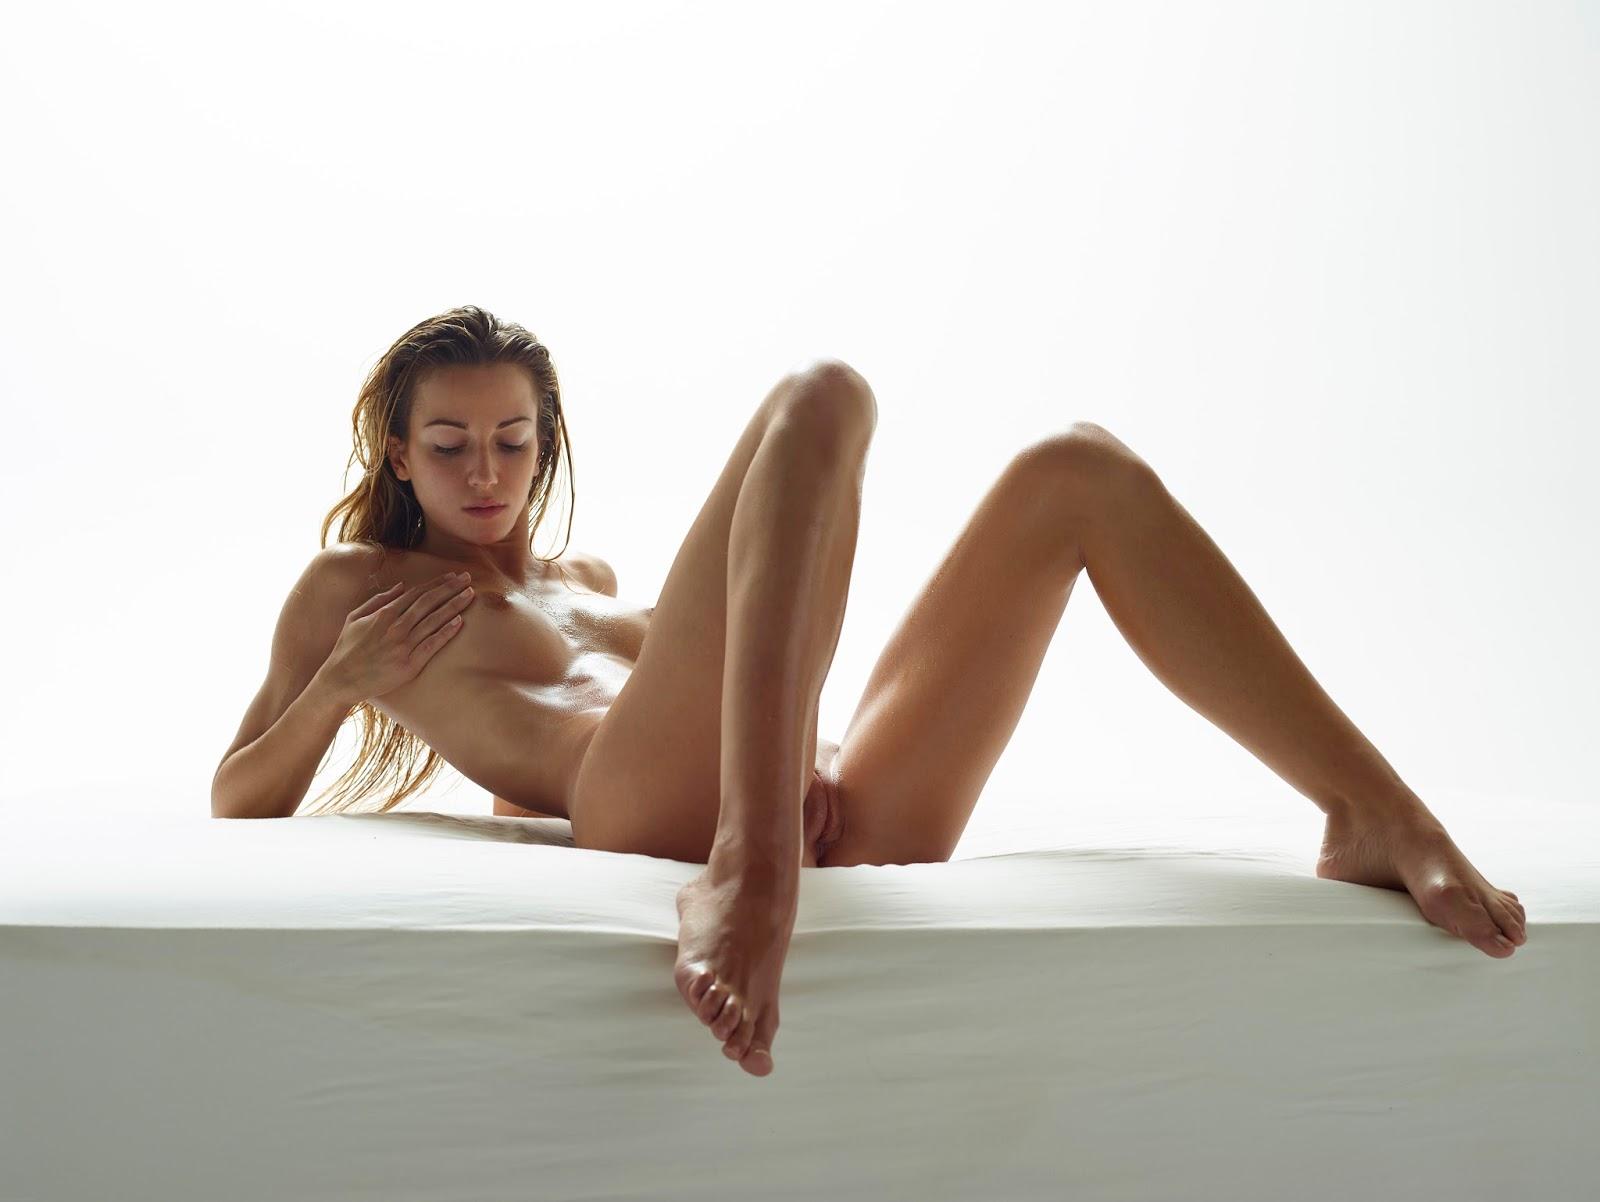 hegre-art amber - peach imageset   big boobs webcam